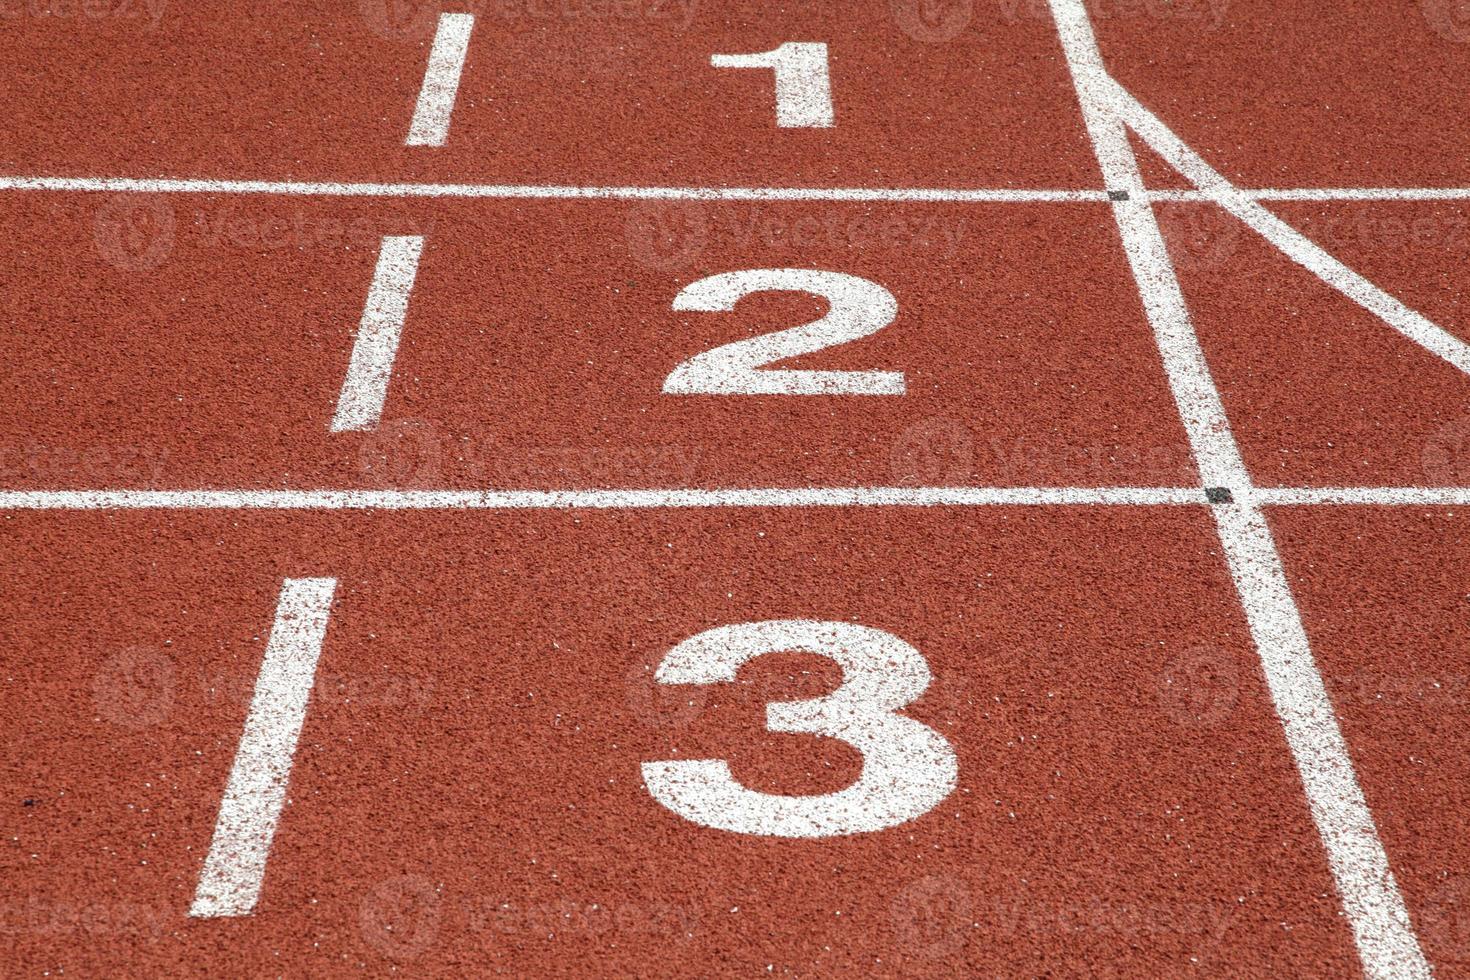 nummer 1 2 och 3 på tävlingsbanan foto